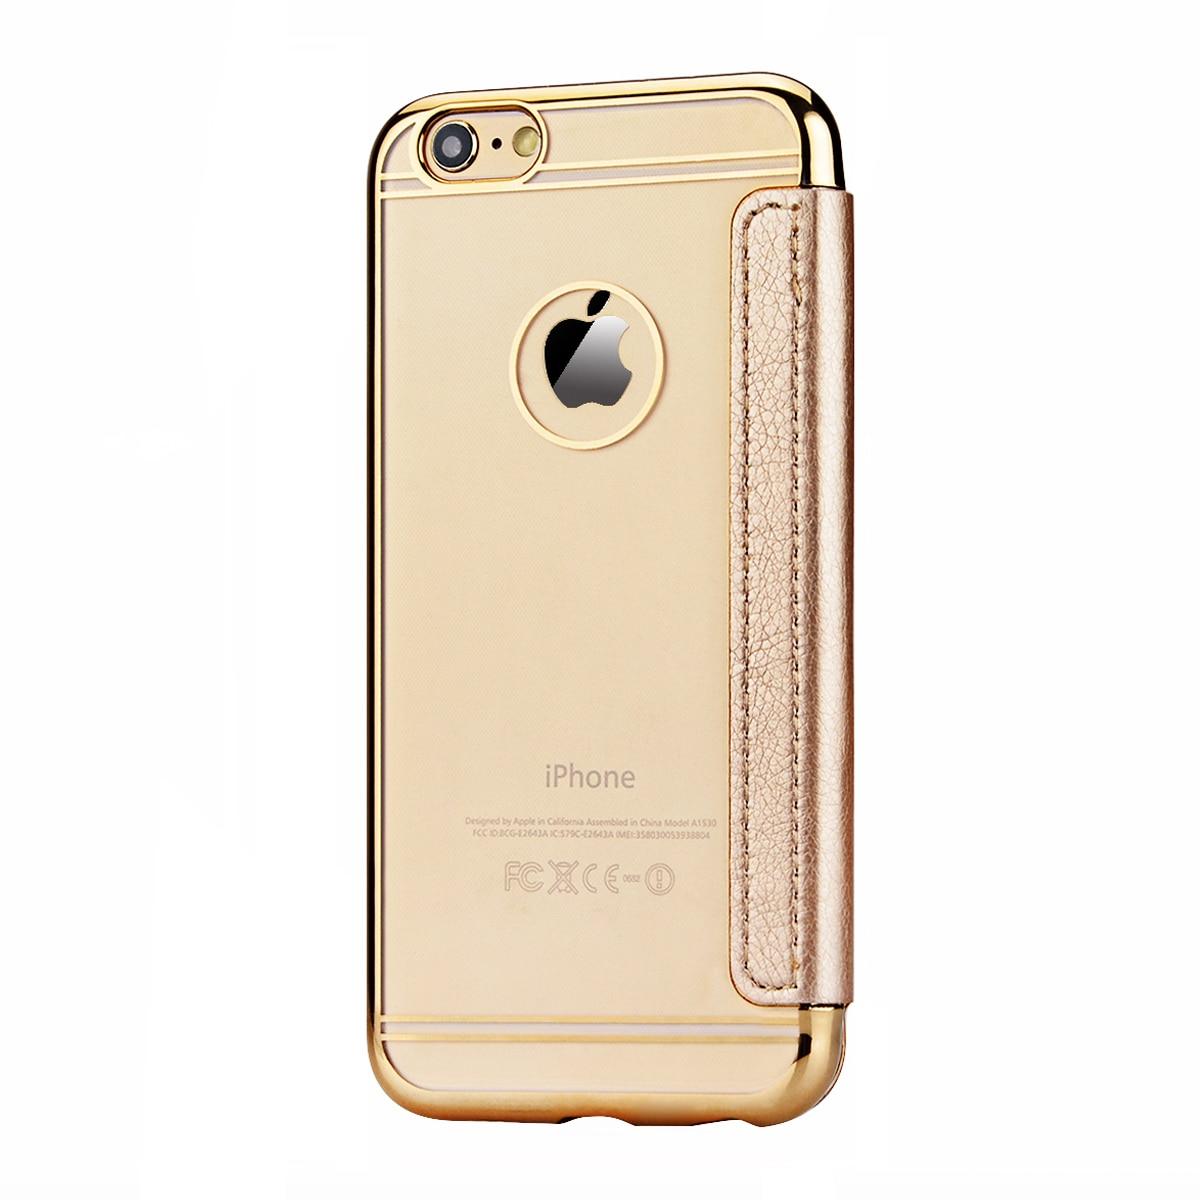 Funda de cuero PU de lujo para iPhone 5 5s SE 6 6s 7 Plus Funda para - Accesorios y repuestos para celulares - foto 6